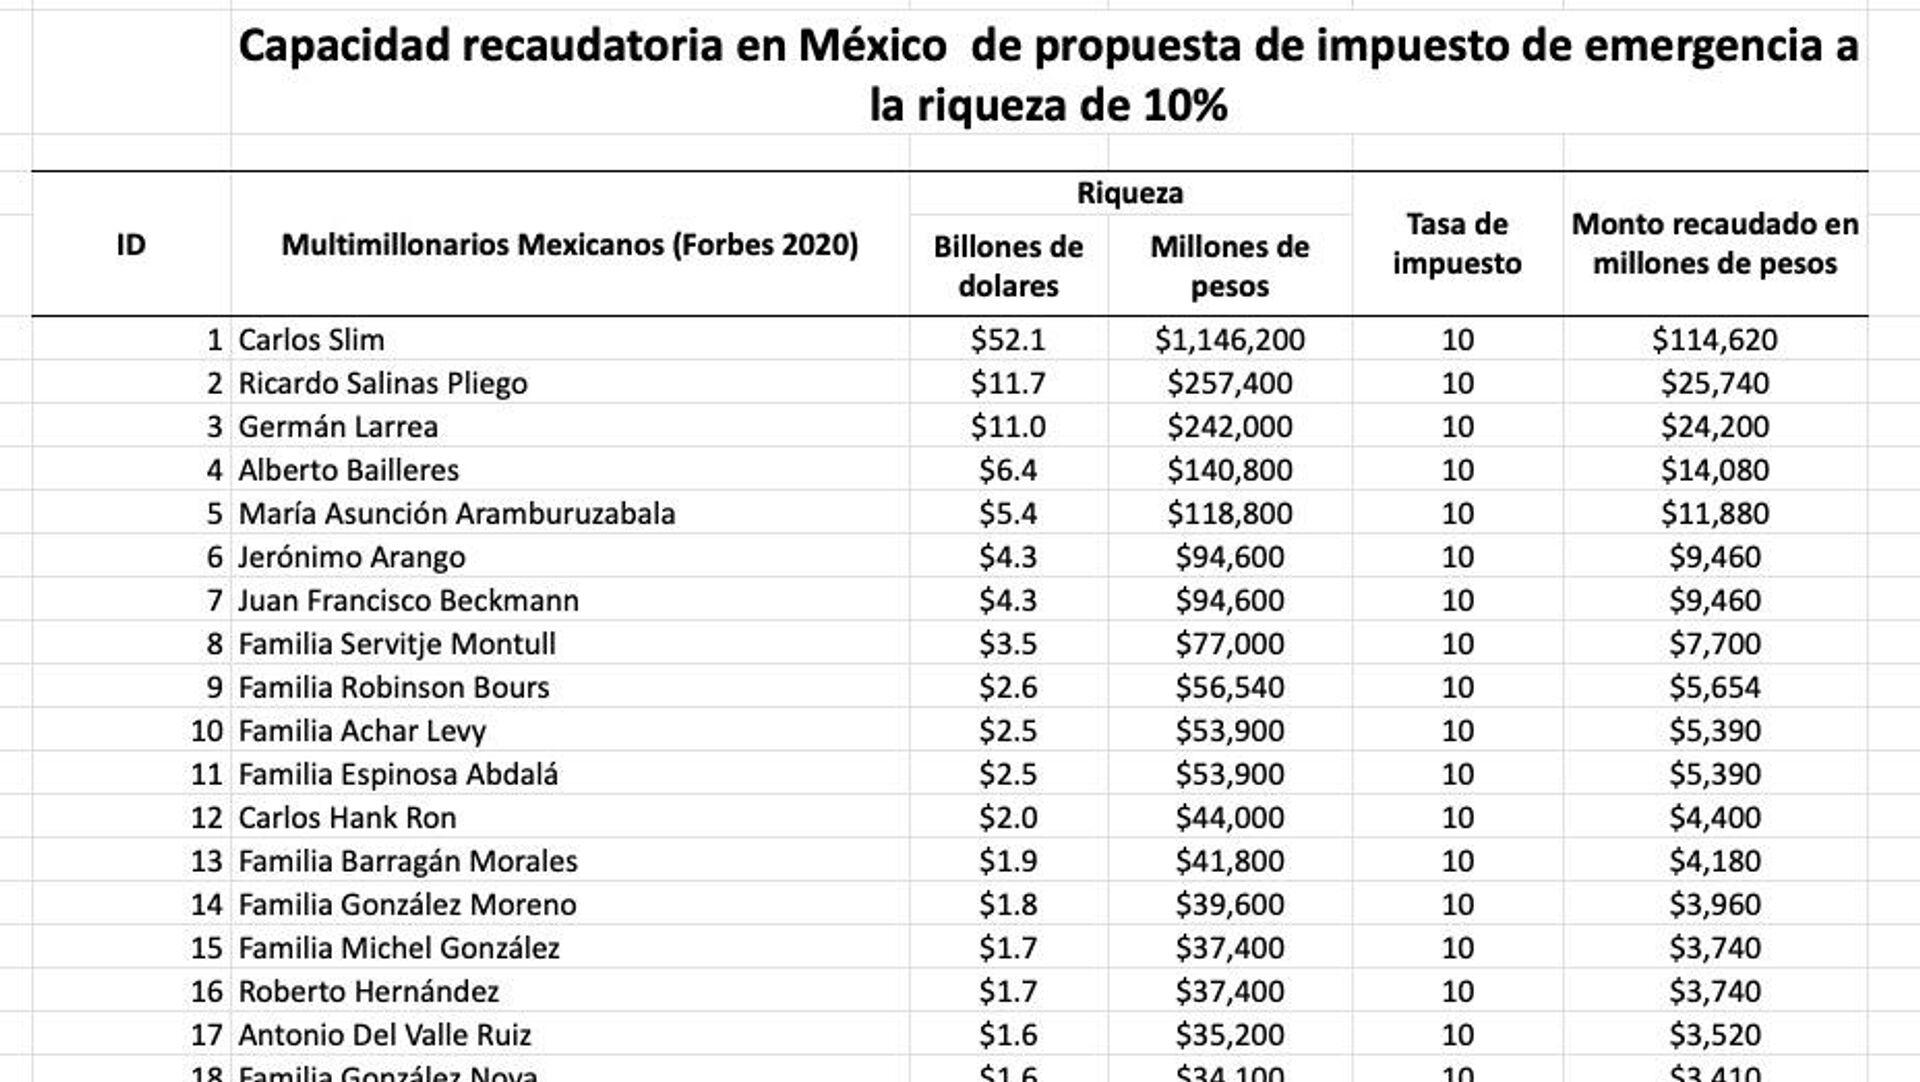 Capacidad recaudatoria en México de propuesta de impuesto de emergencia a la riqueza de 10% - Sputnik Mundo, 1920, 16.04.2021